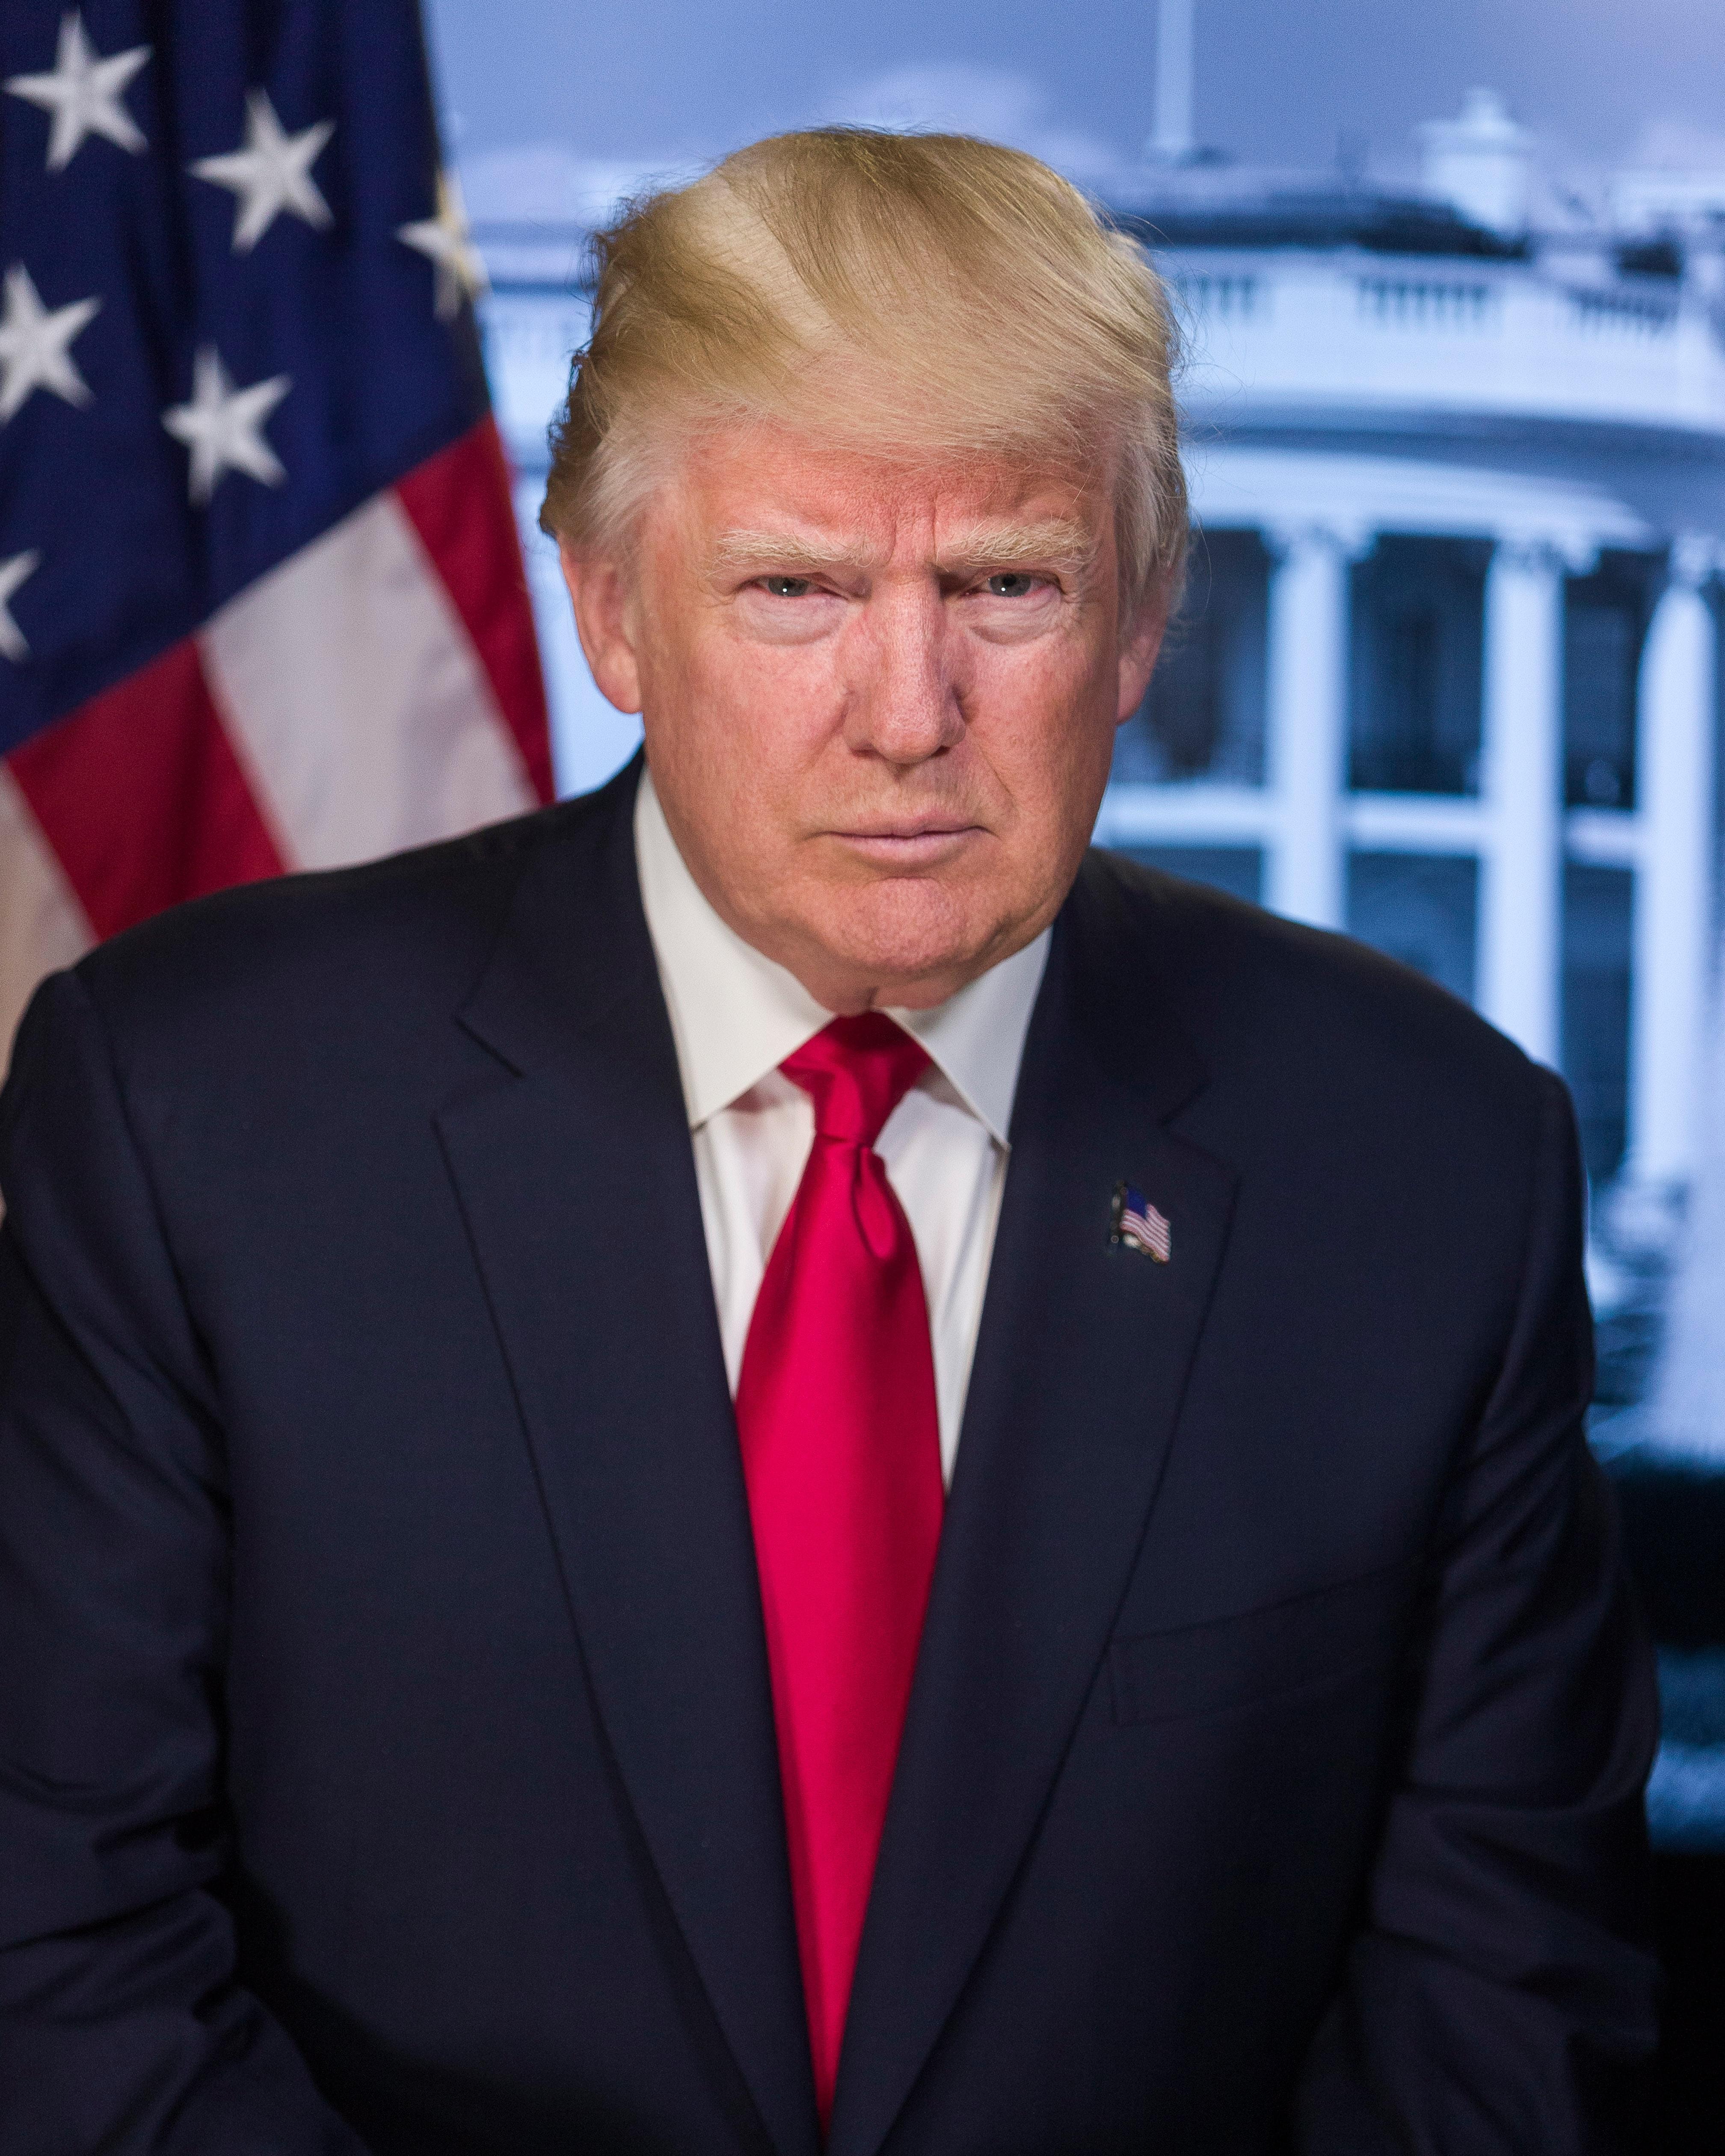 Donald Trump Wallpaper